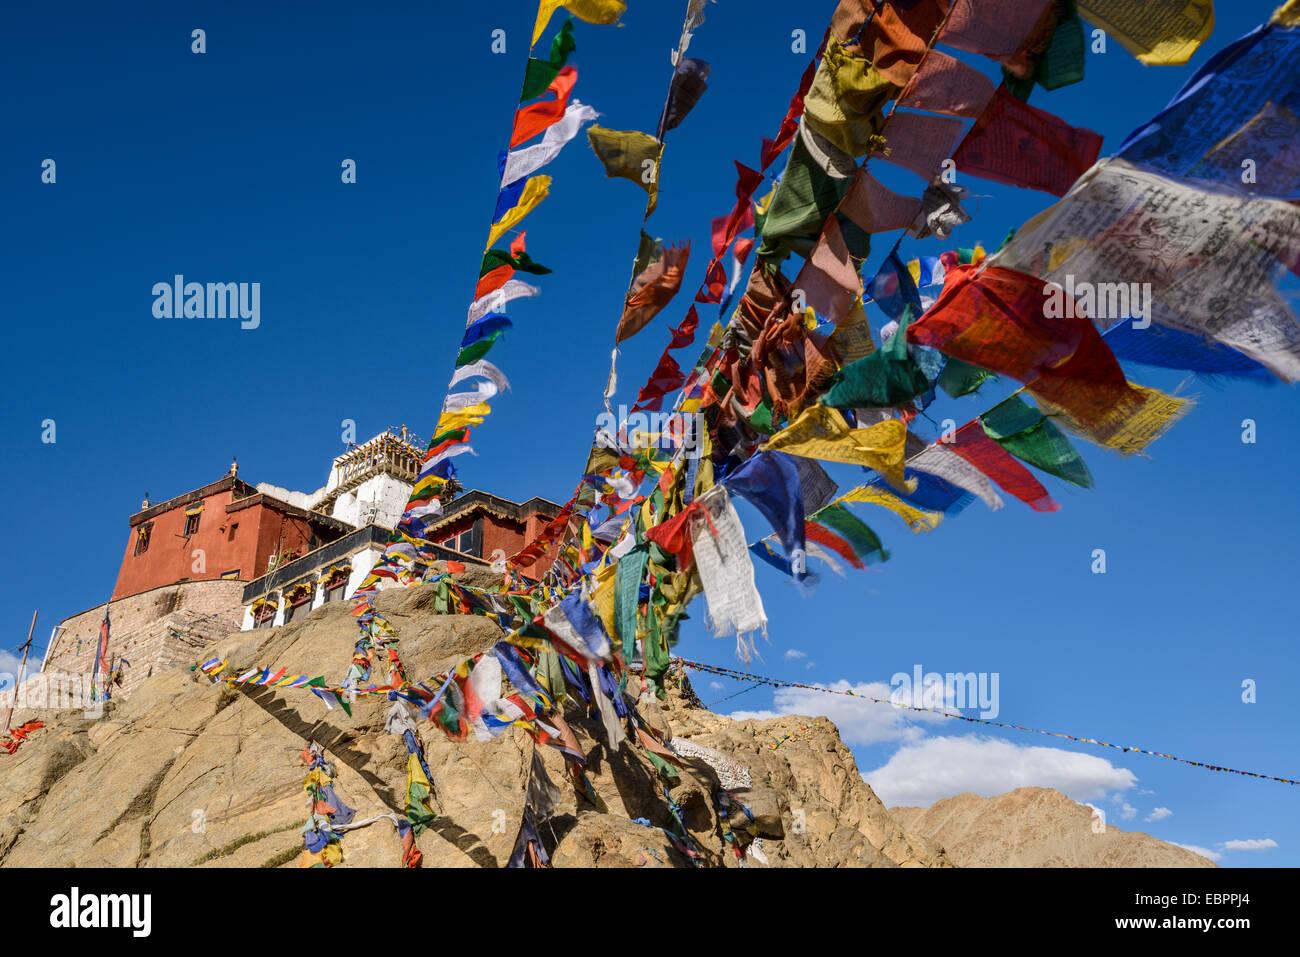 Banderas de oración en el monasterio de Namgyal Tsemo en Leh, Ladakh, en los Himalayas, India, Asia Foto de stock